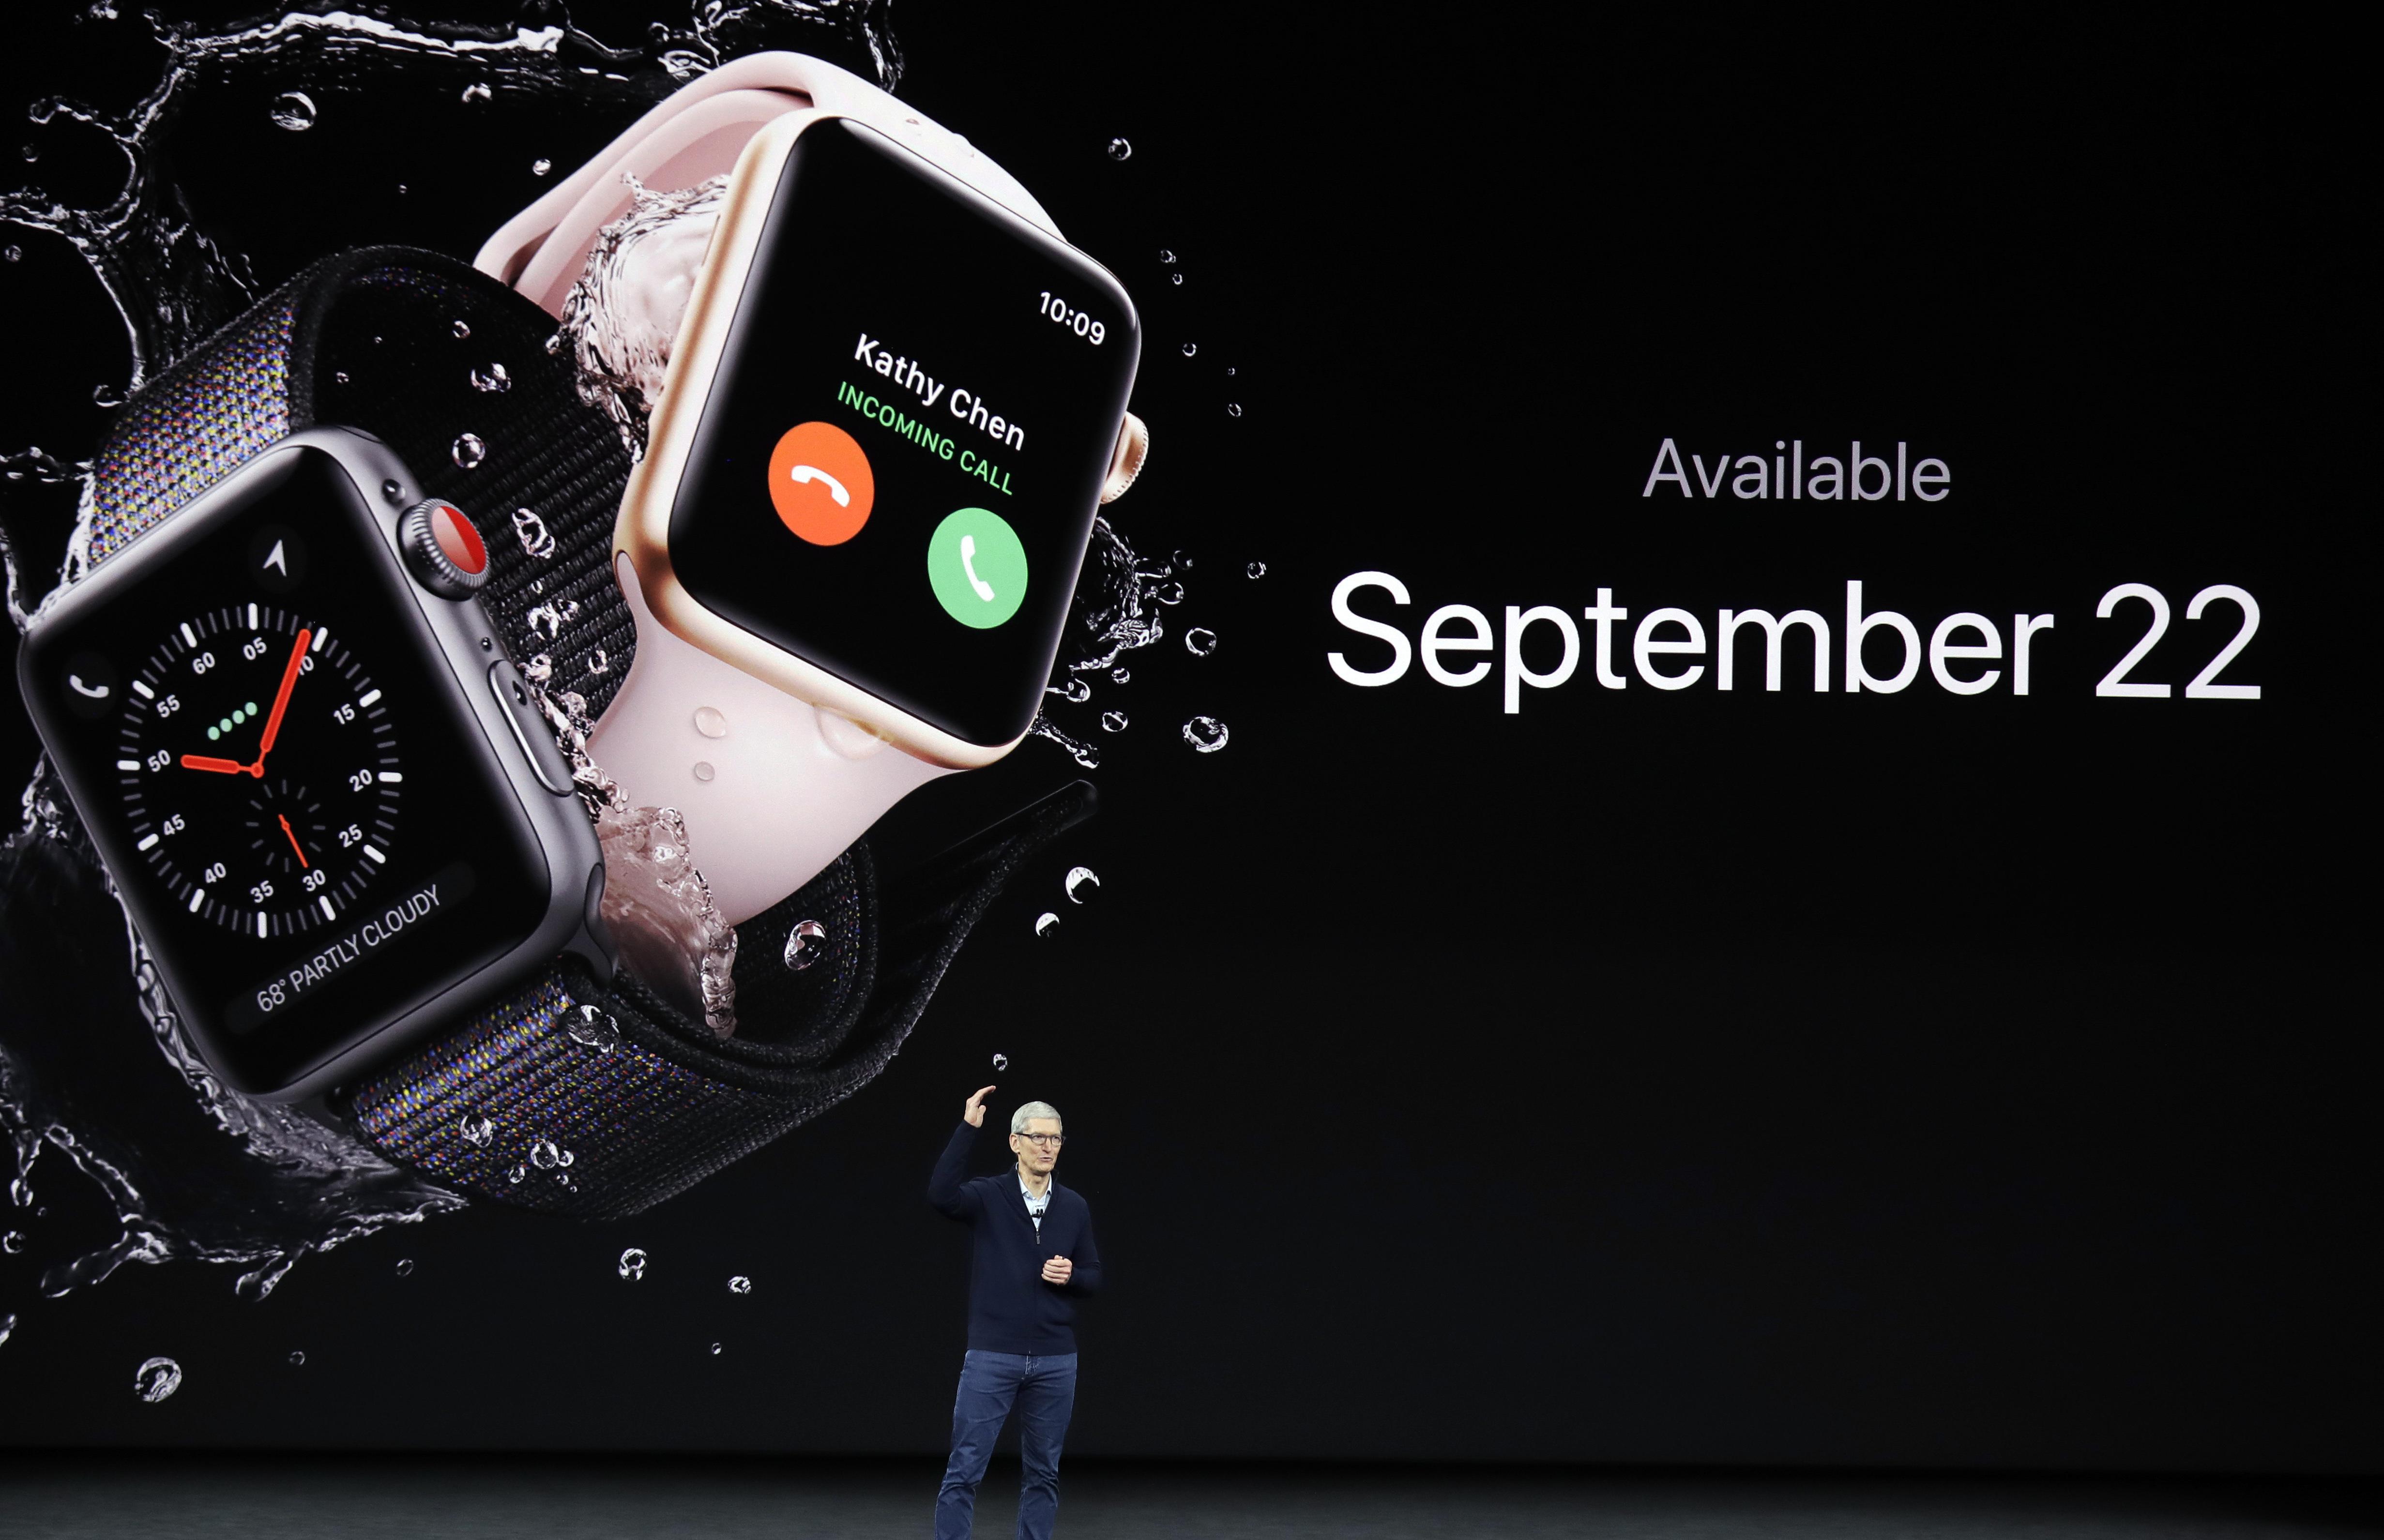 蘋果首席執行長庫克介紹Apple Watch Series 3新品。美聯社